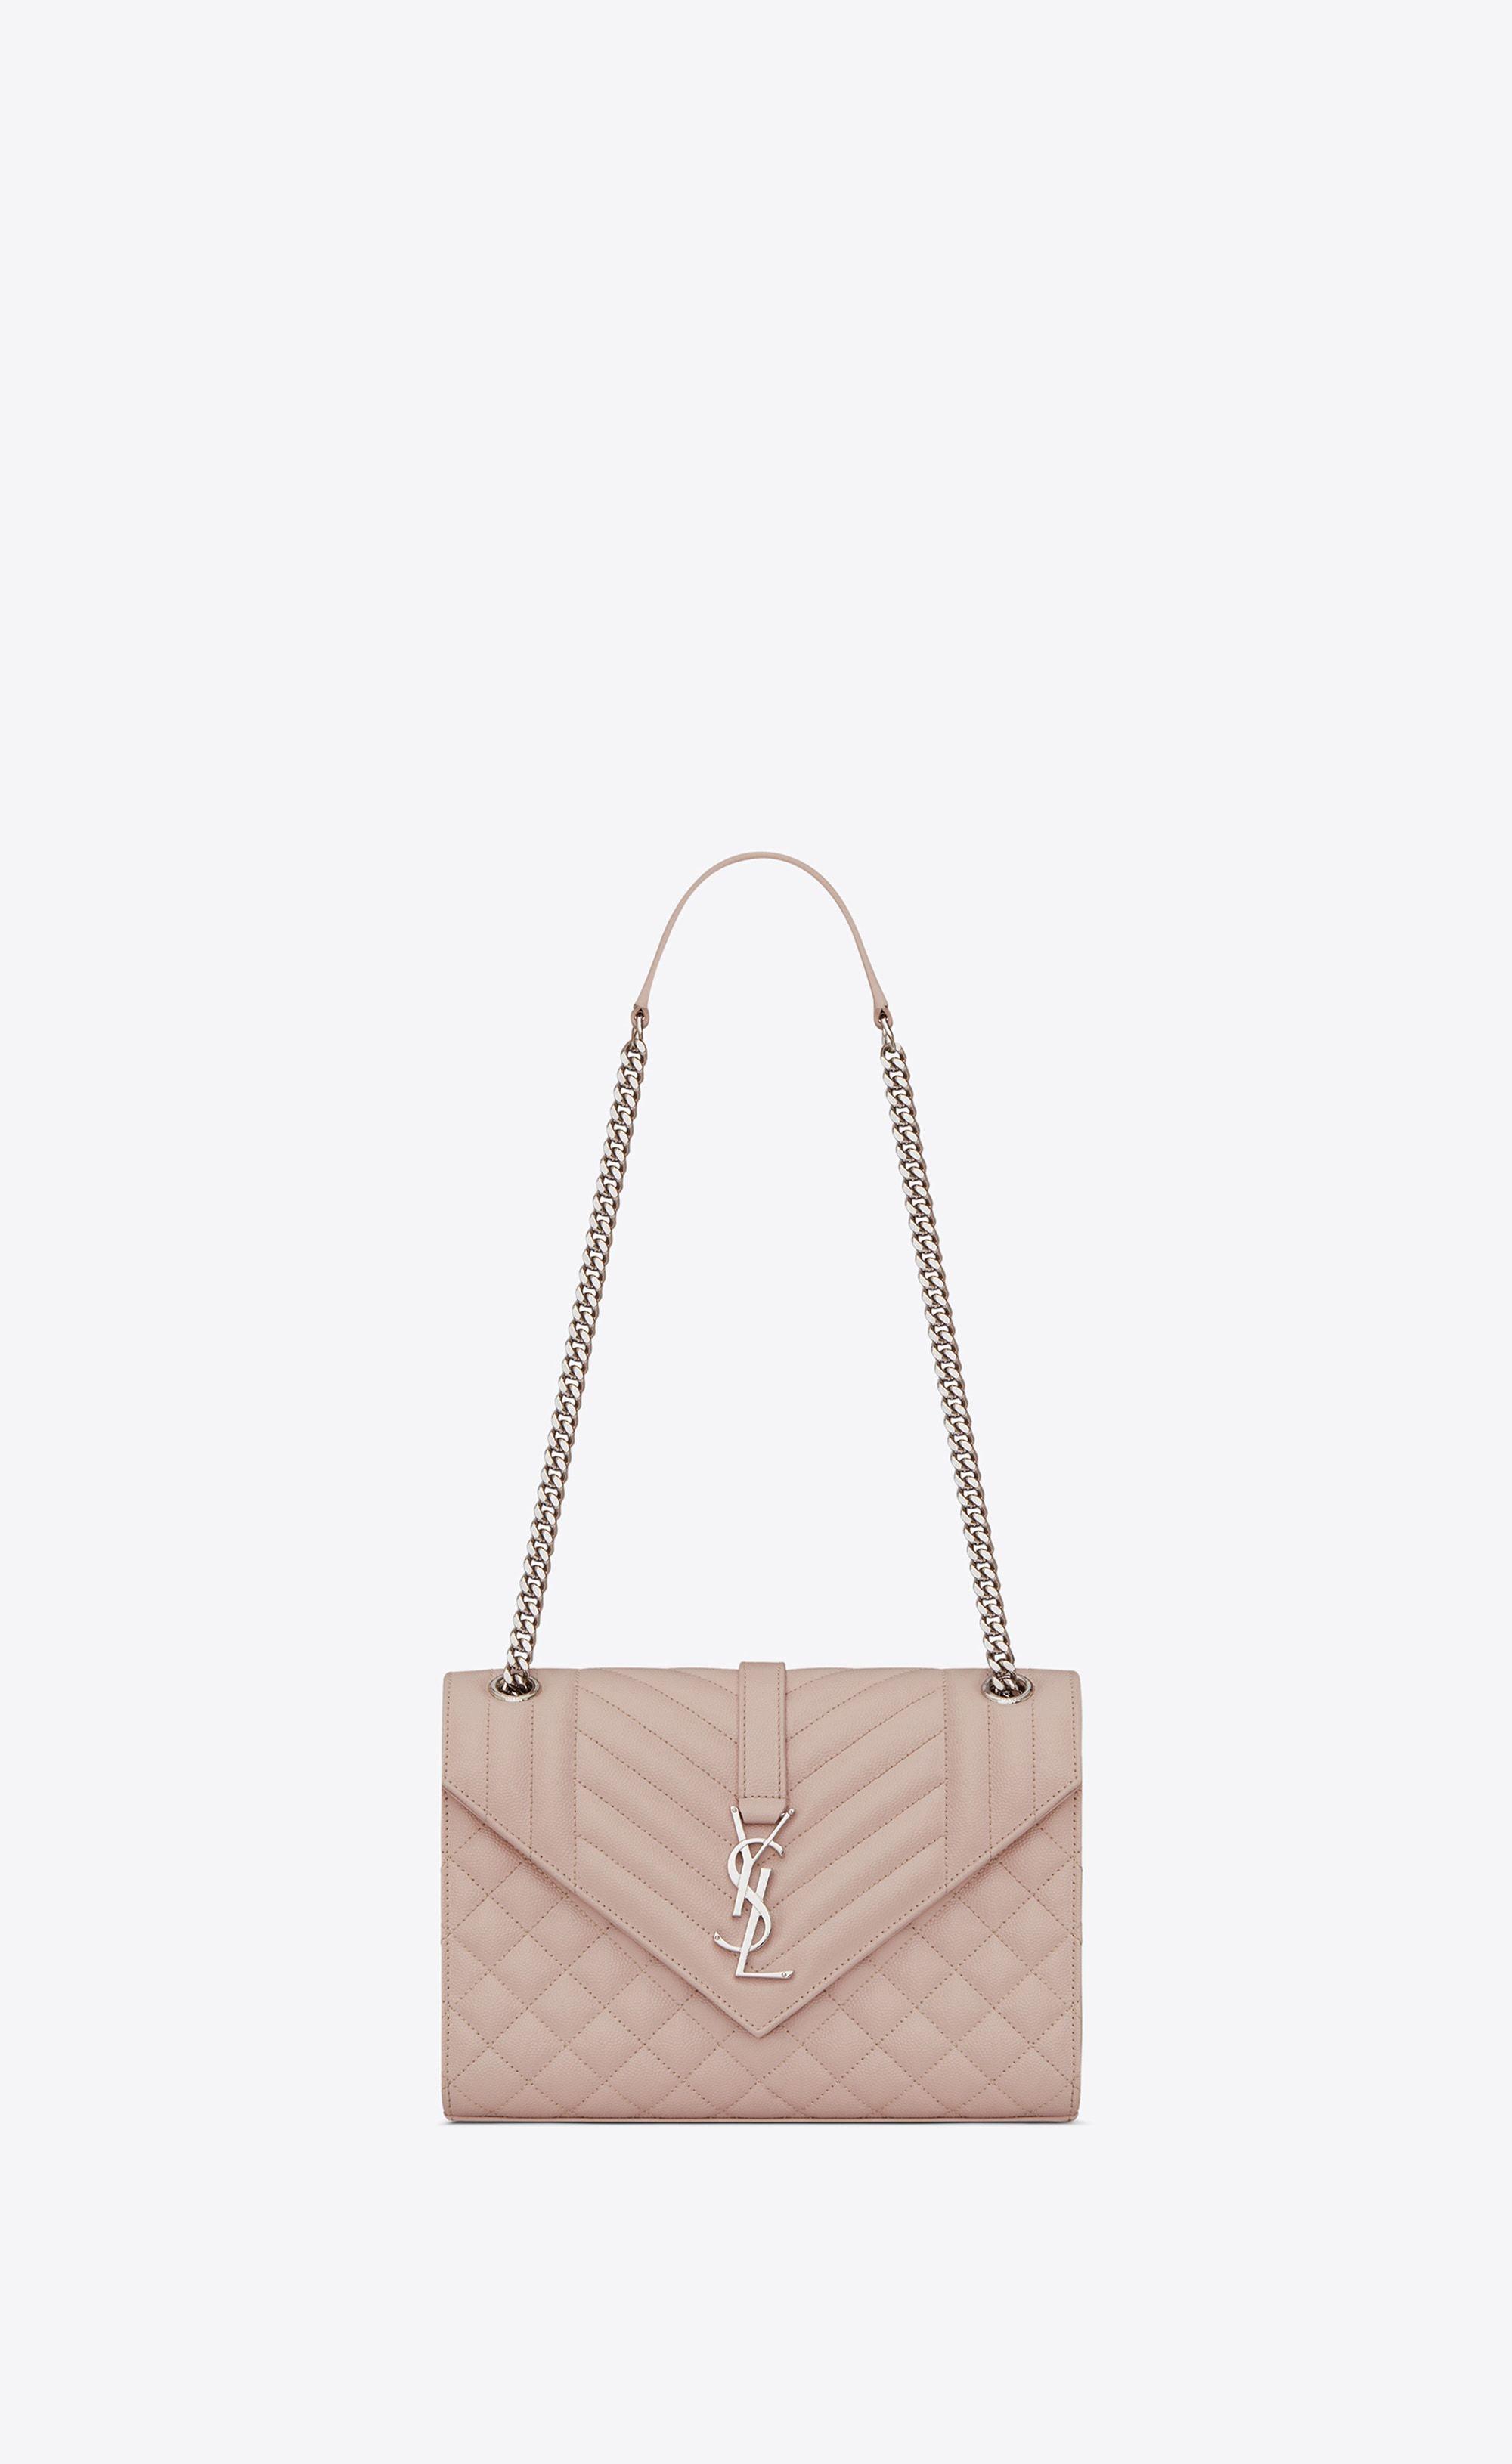 d98887ca0a33  Saint Laurent Envelope Medium Bag In Grain De Poudre Embossed Leather